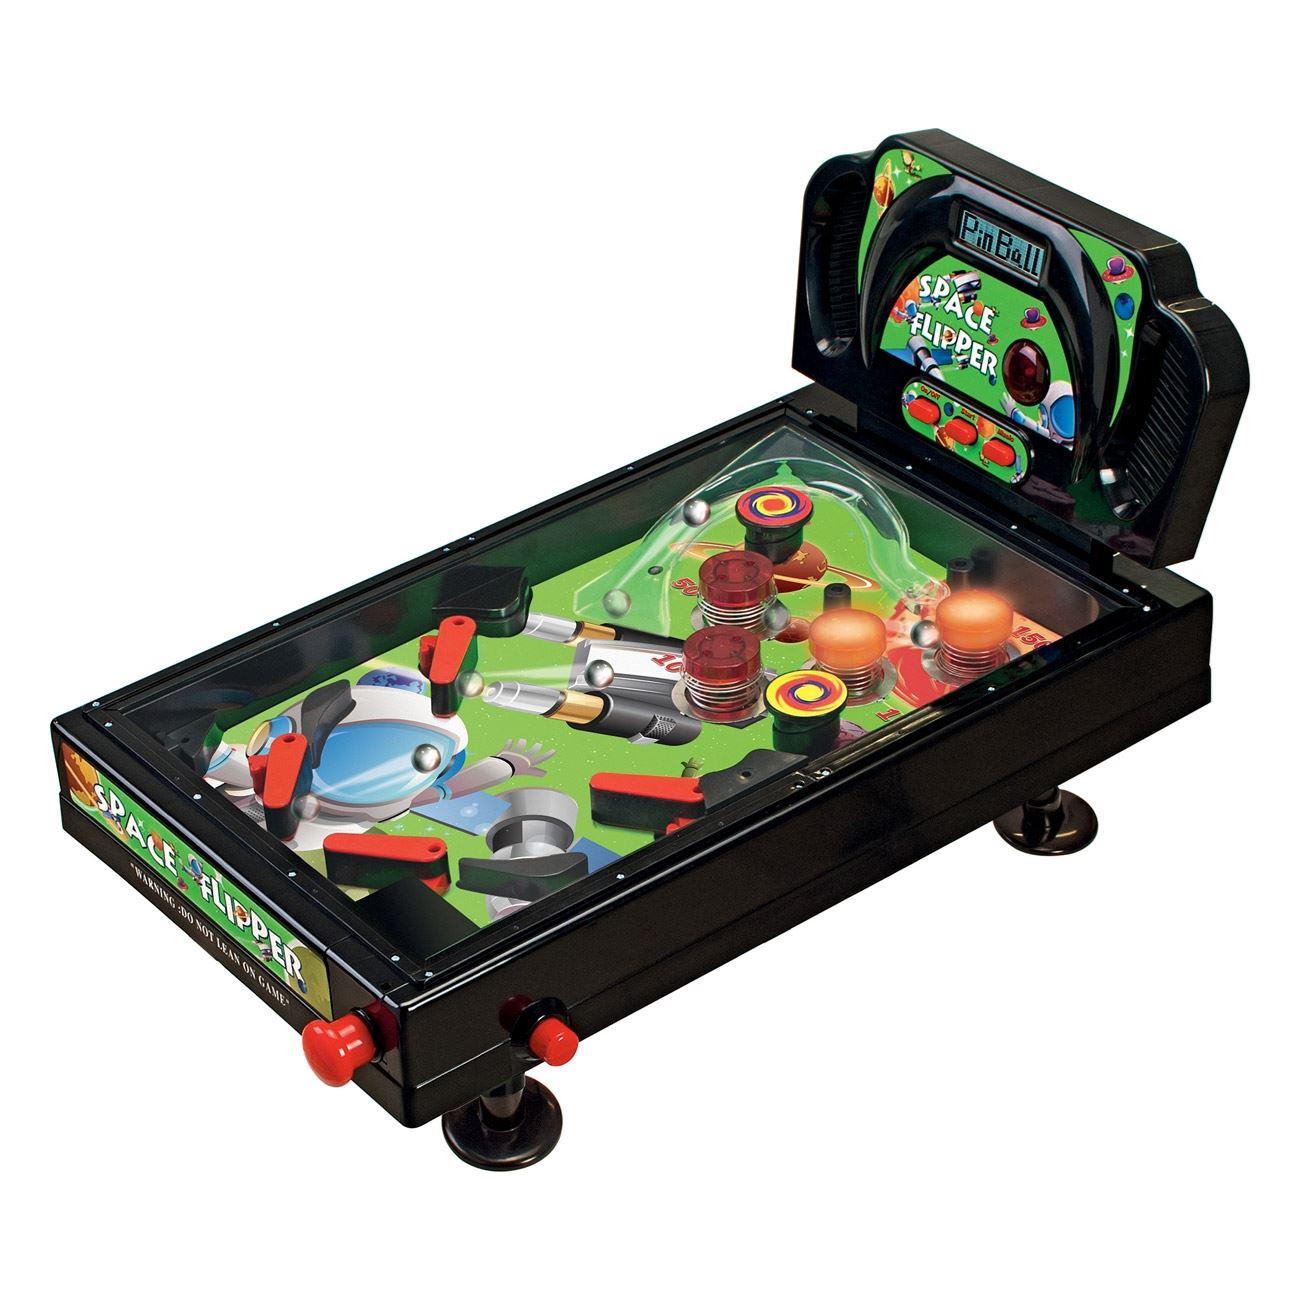 παιχνίδια όπως το γάντζο 2 τελική φαντασία x-2 παρουσίαση του συμπαίκτη